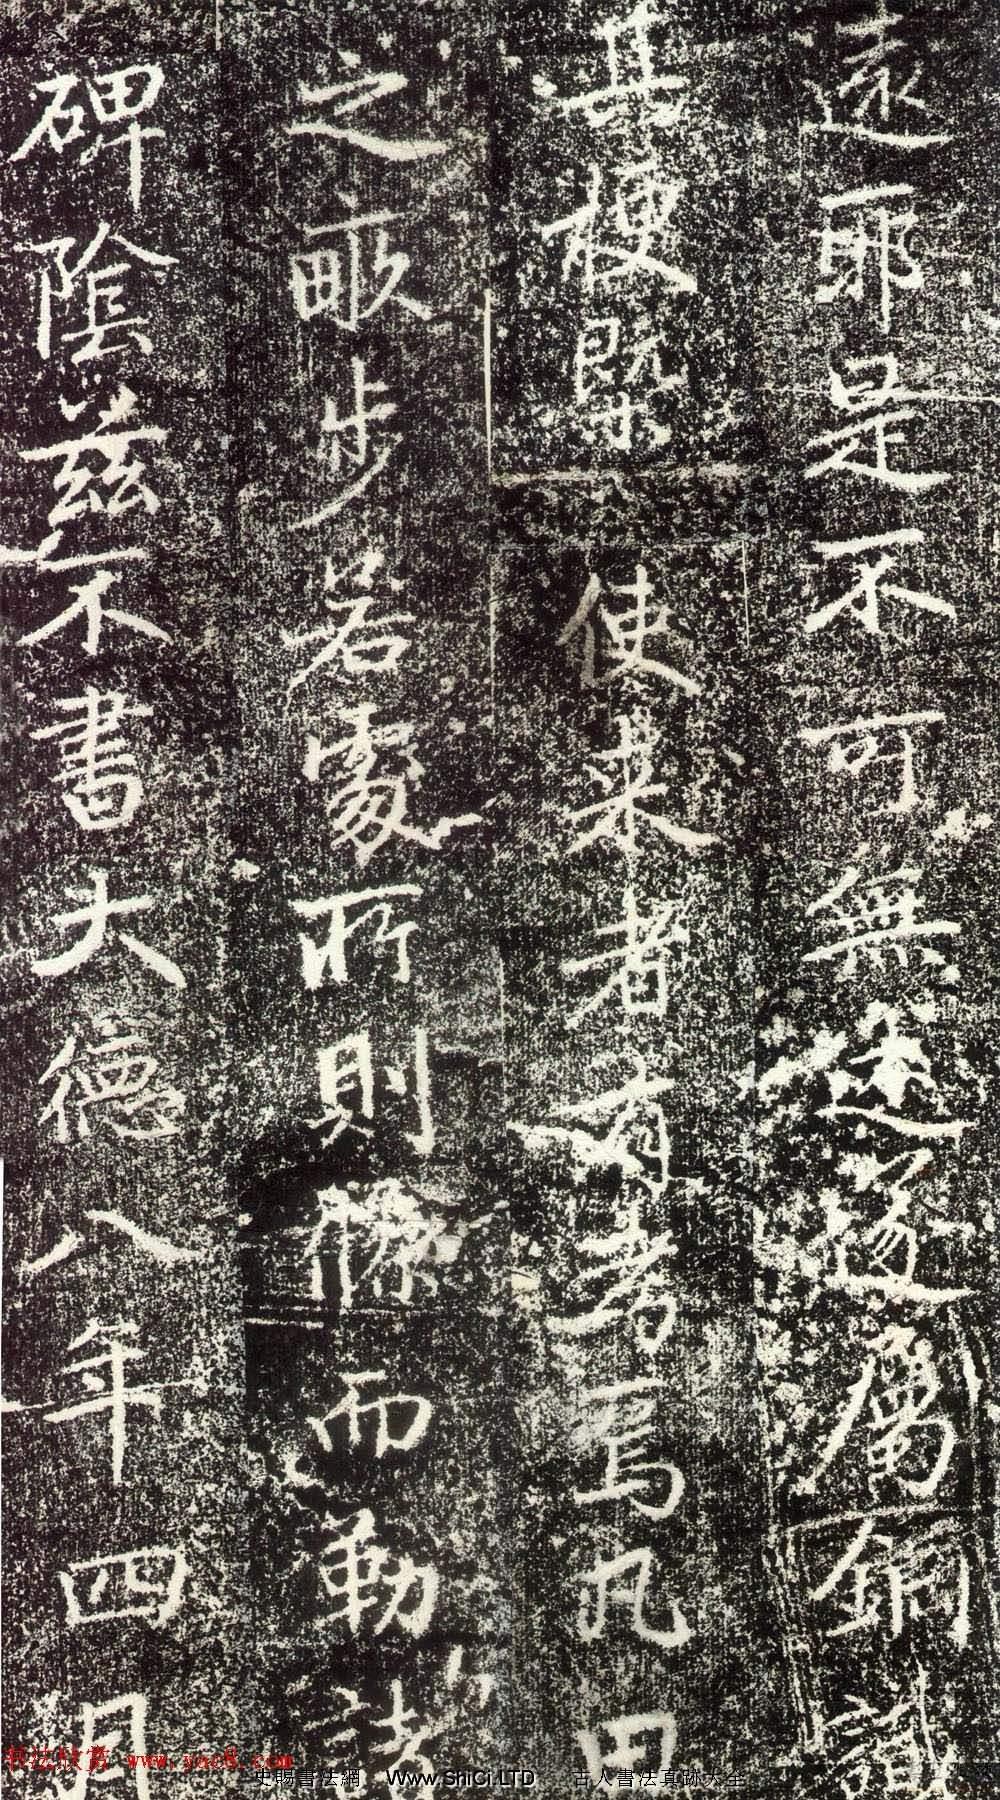 趙孟俯行楷書法《紹興路增置義田之記》